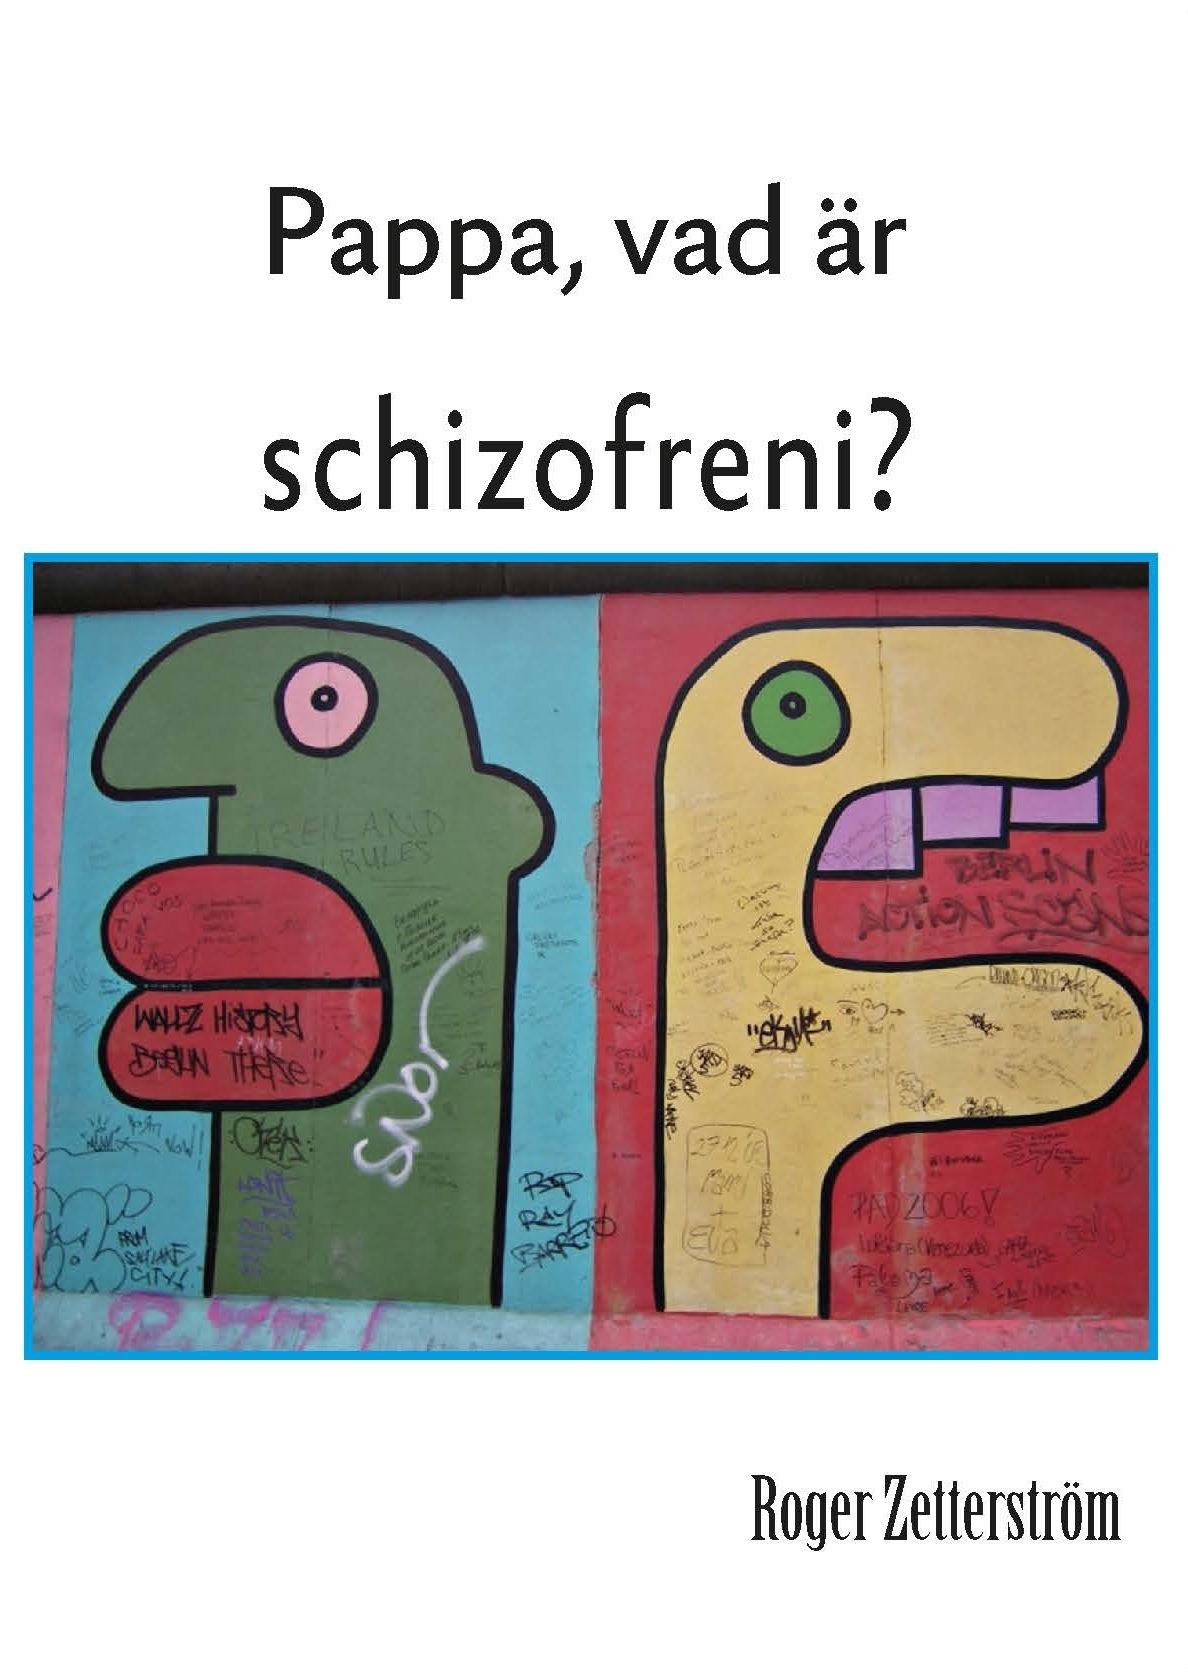 Pappa, vad är Schizofreni? av Roger Zetterström